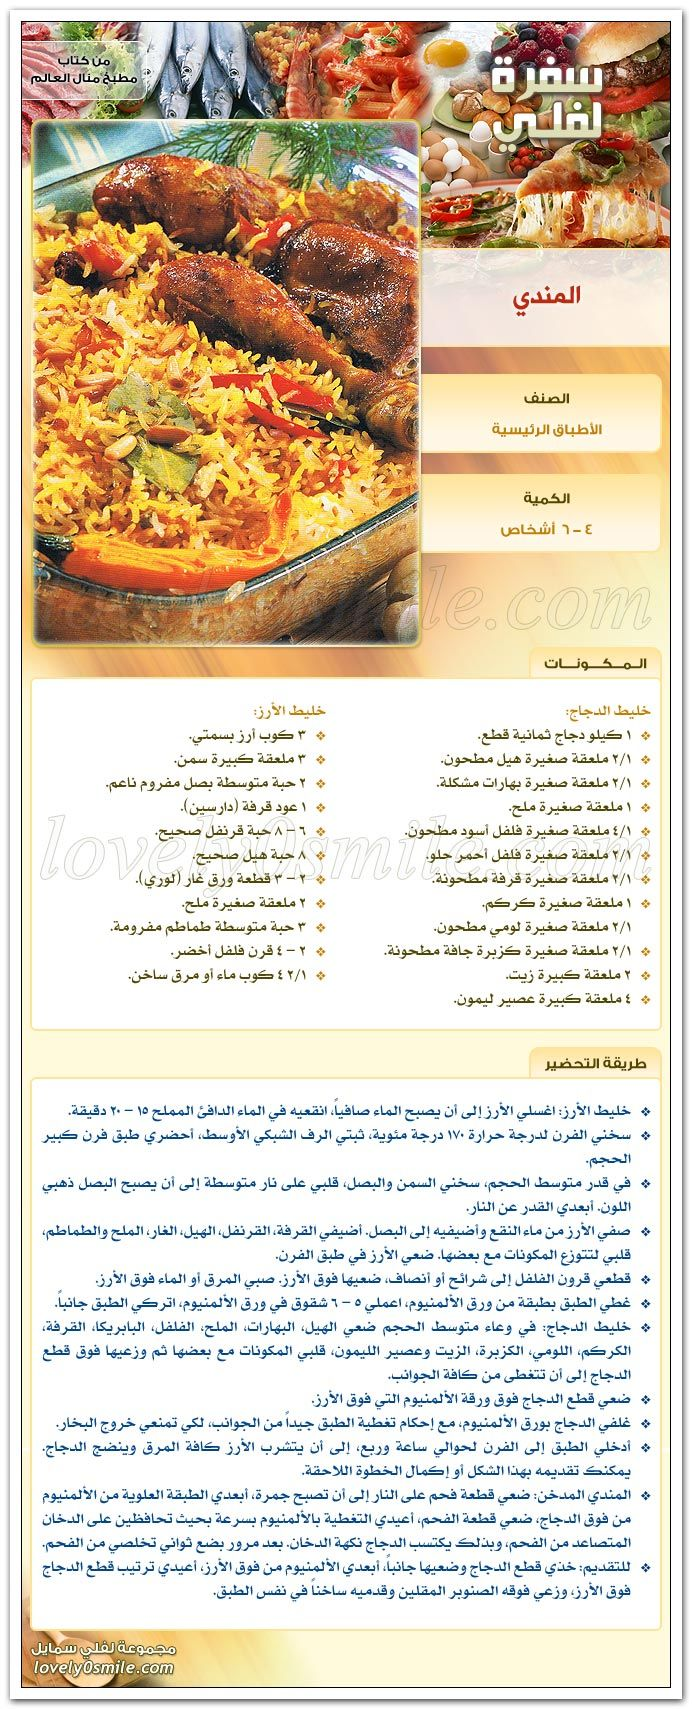 بطاقات وصفات اكلات رائعة سلسلة. المندي